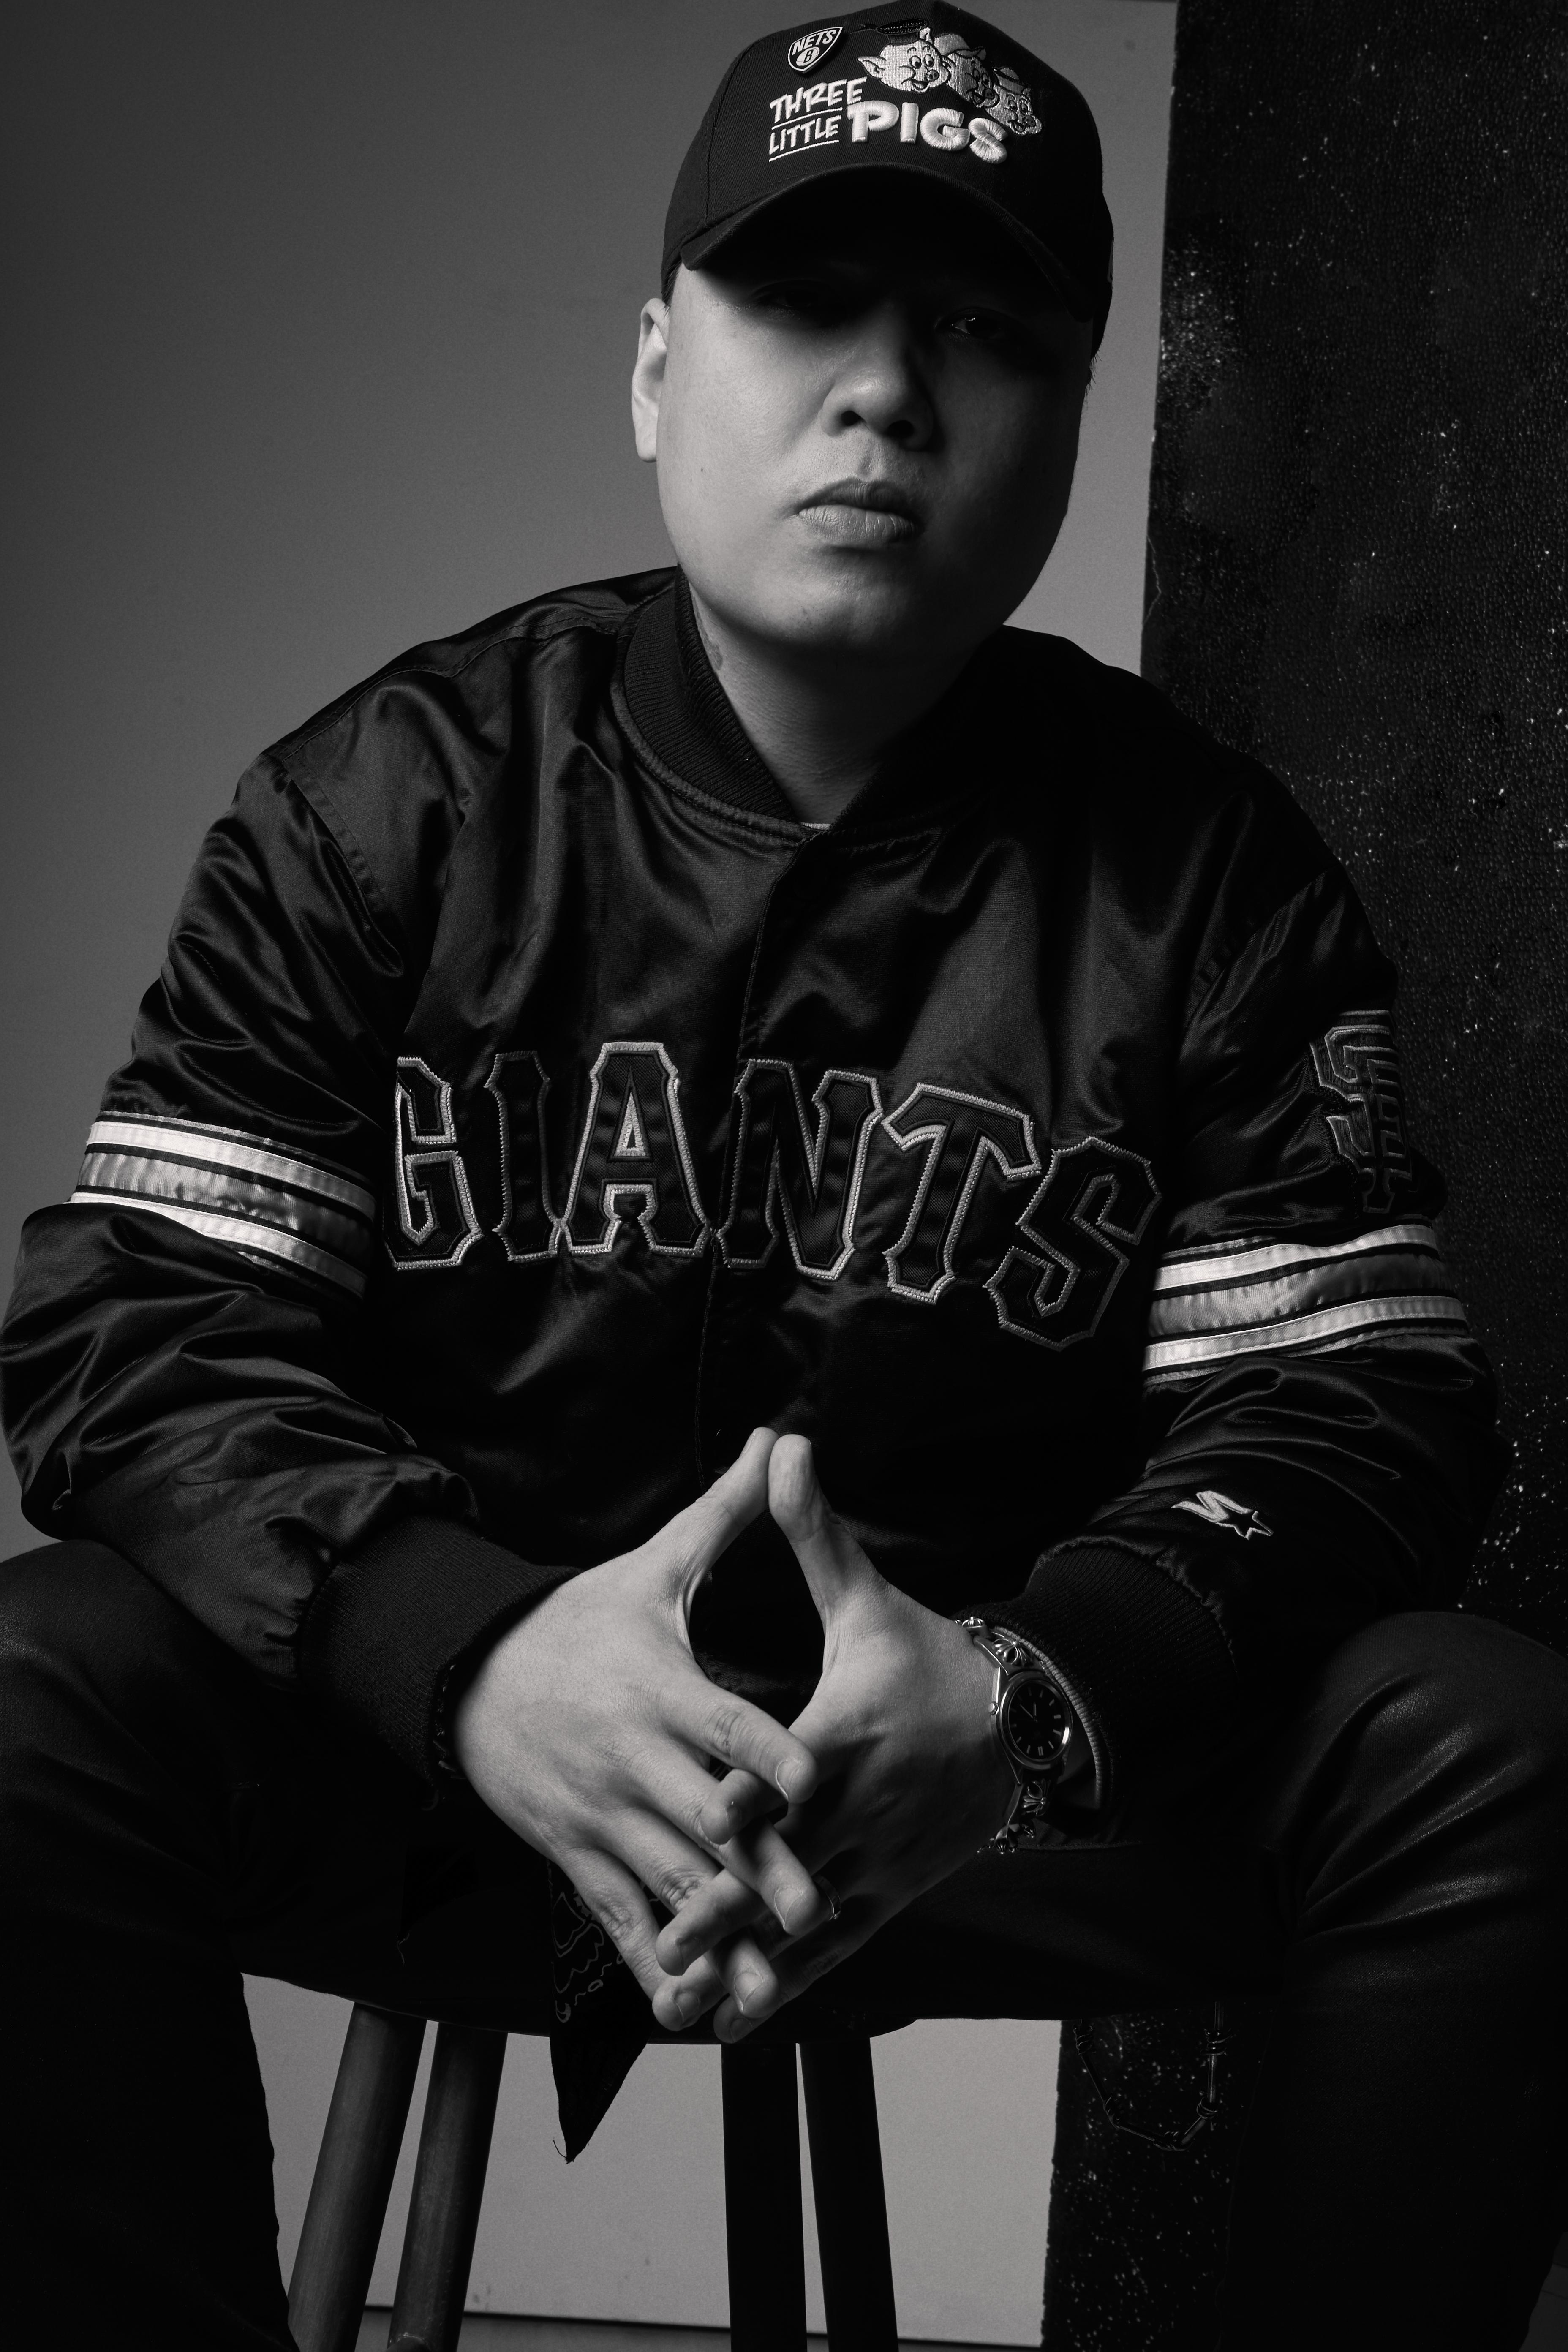 Lil Knight: 'Rapper chỉ góp vui trên Top Thịnh hành chính vì thiếu sân chơi cho tài năng nhạc Rap' Ảnh 6